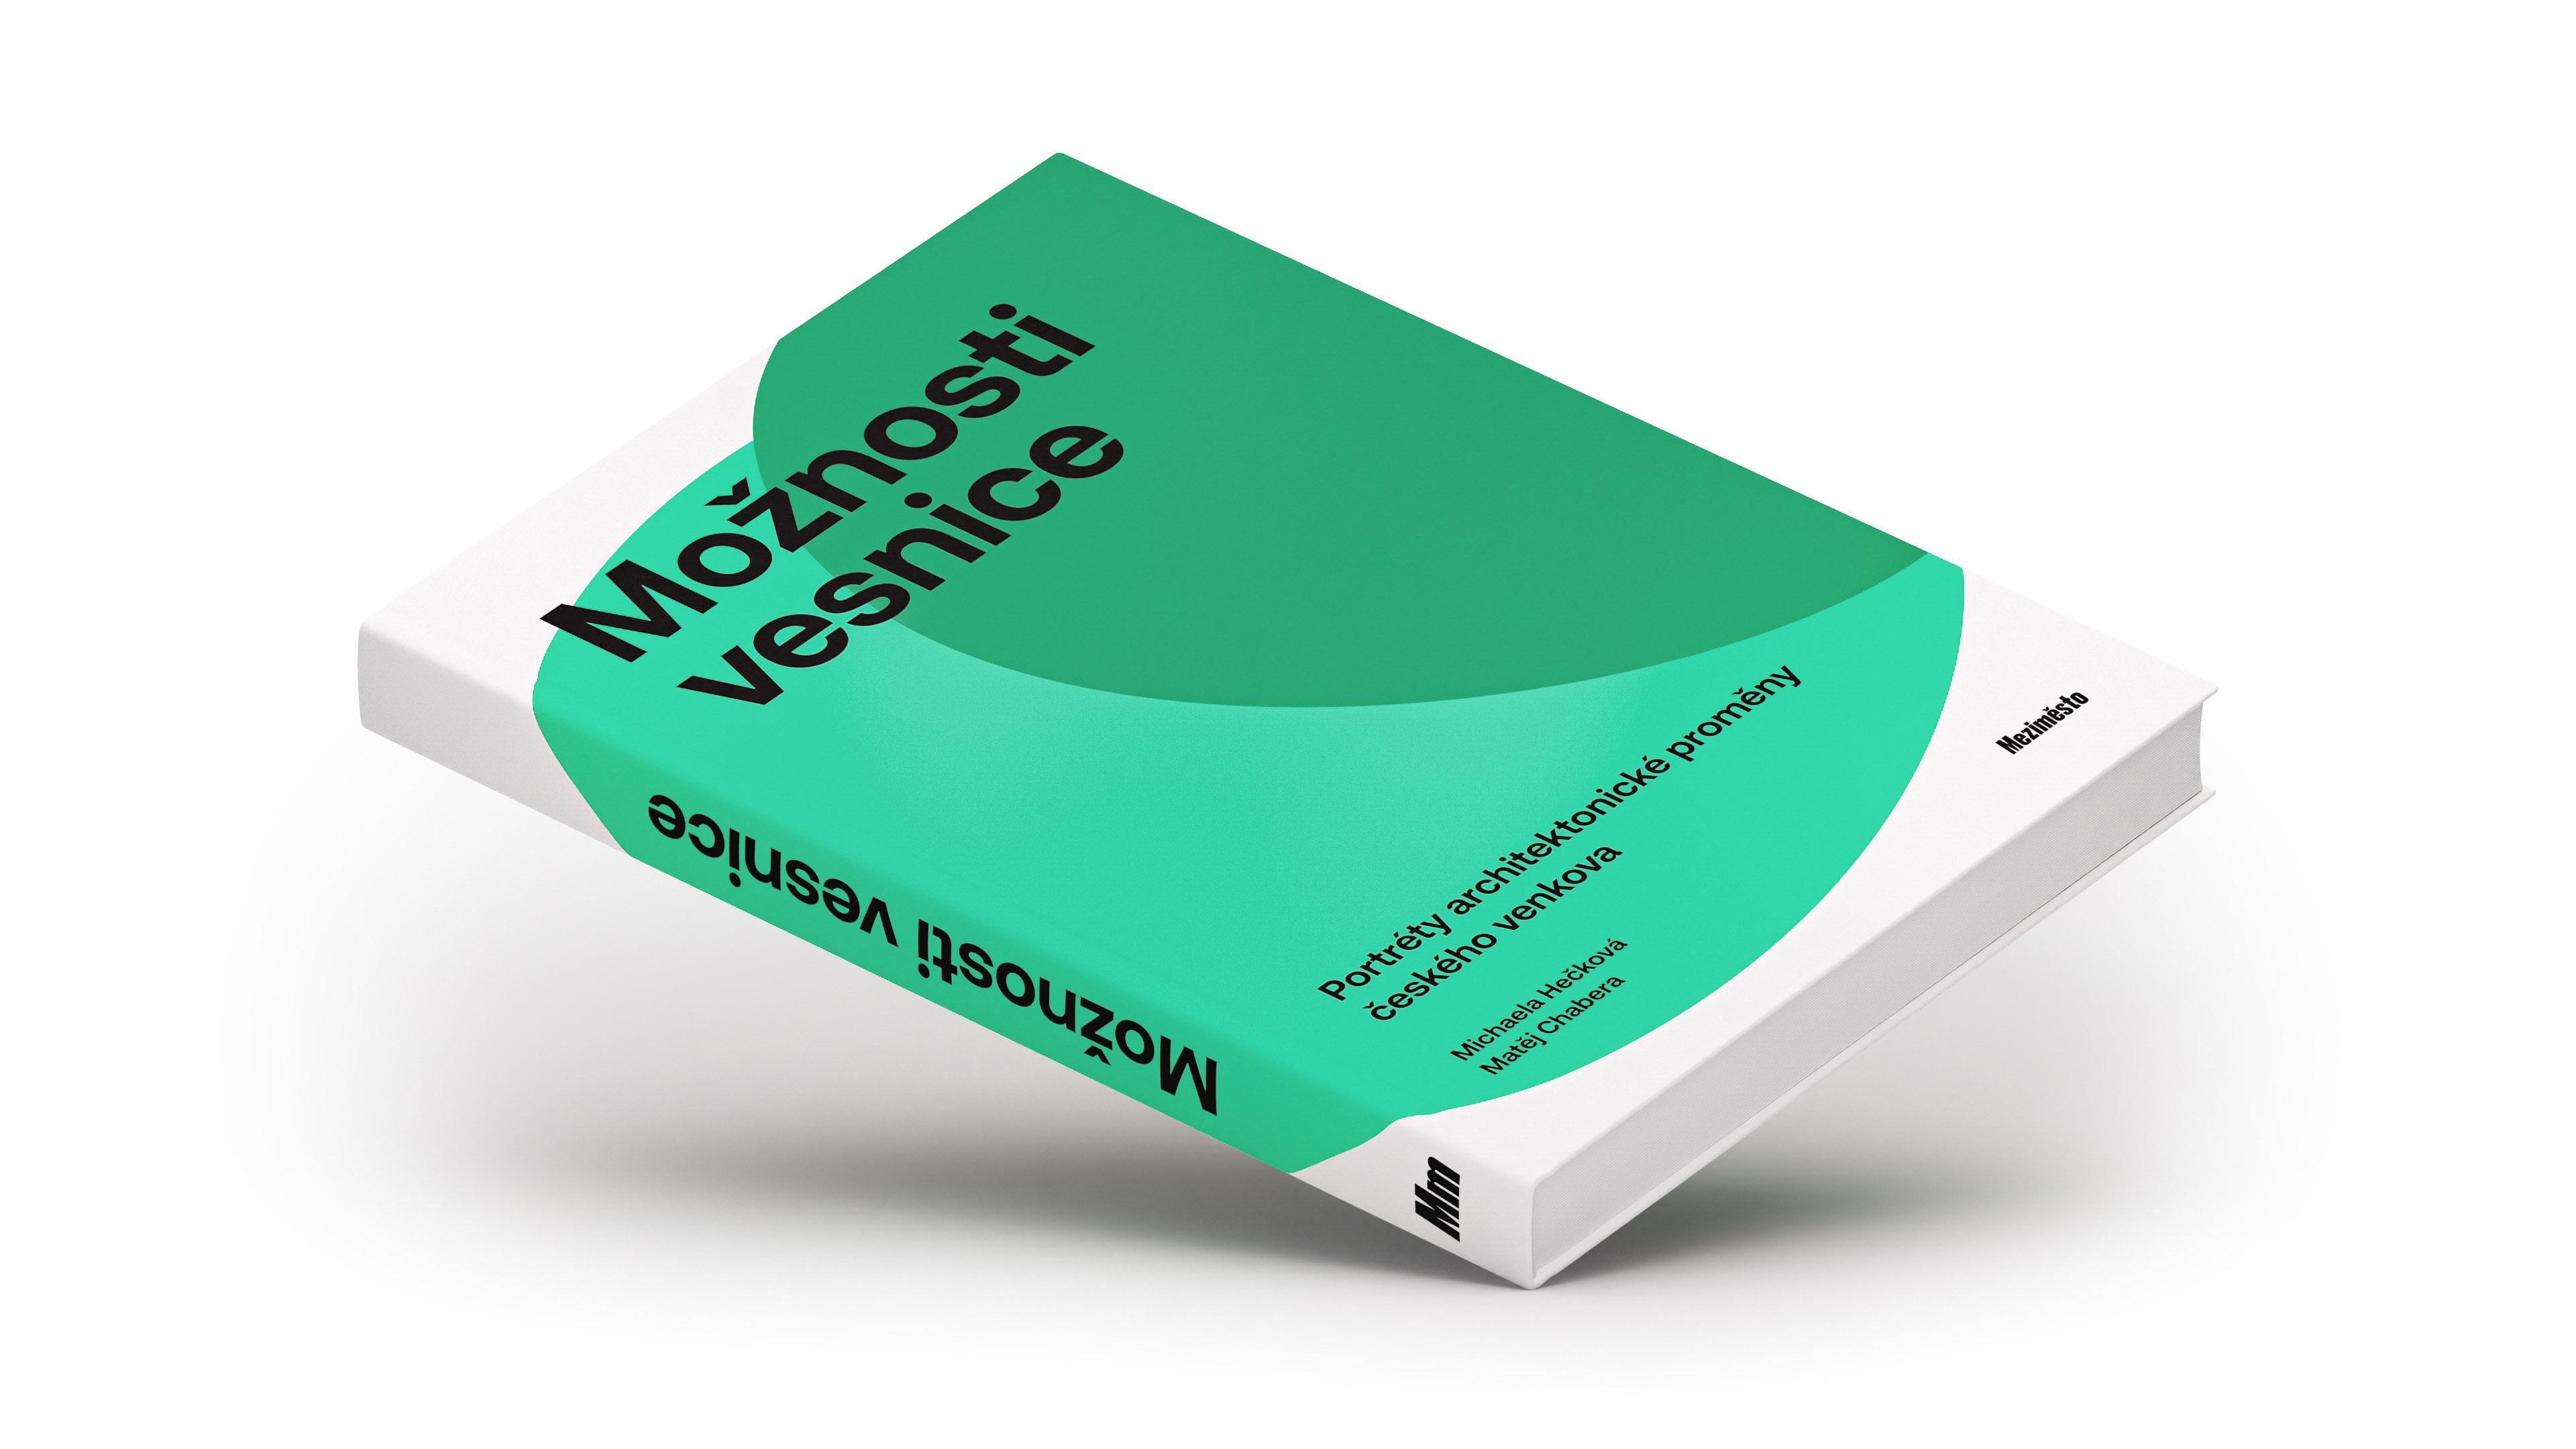 Možnosti vesnice – obálka knihy